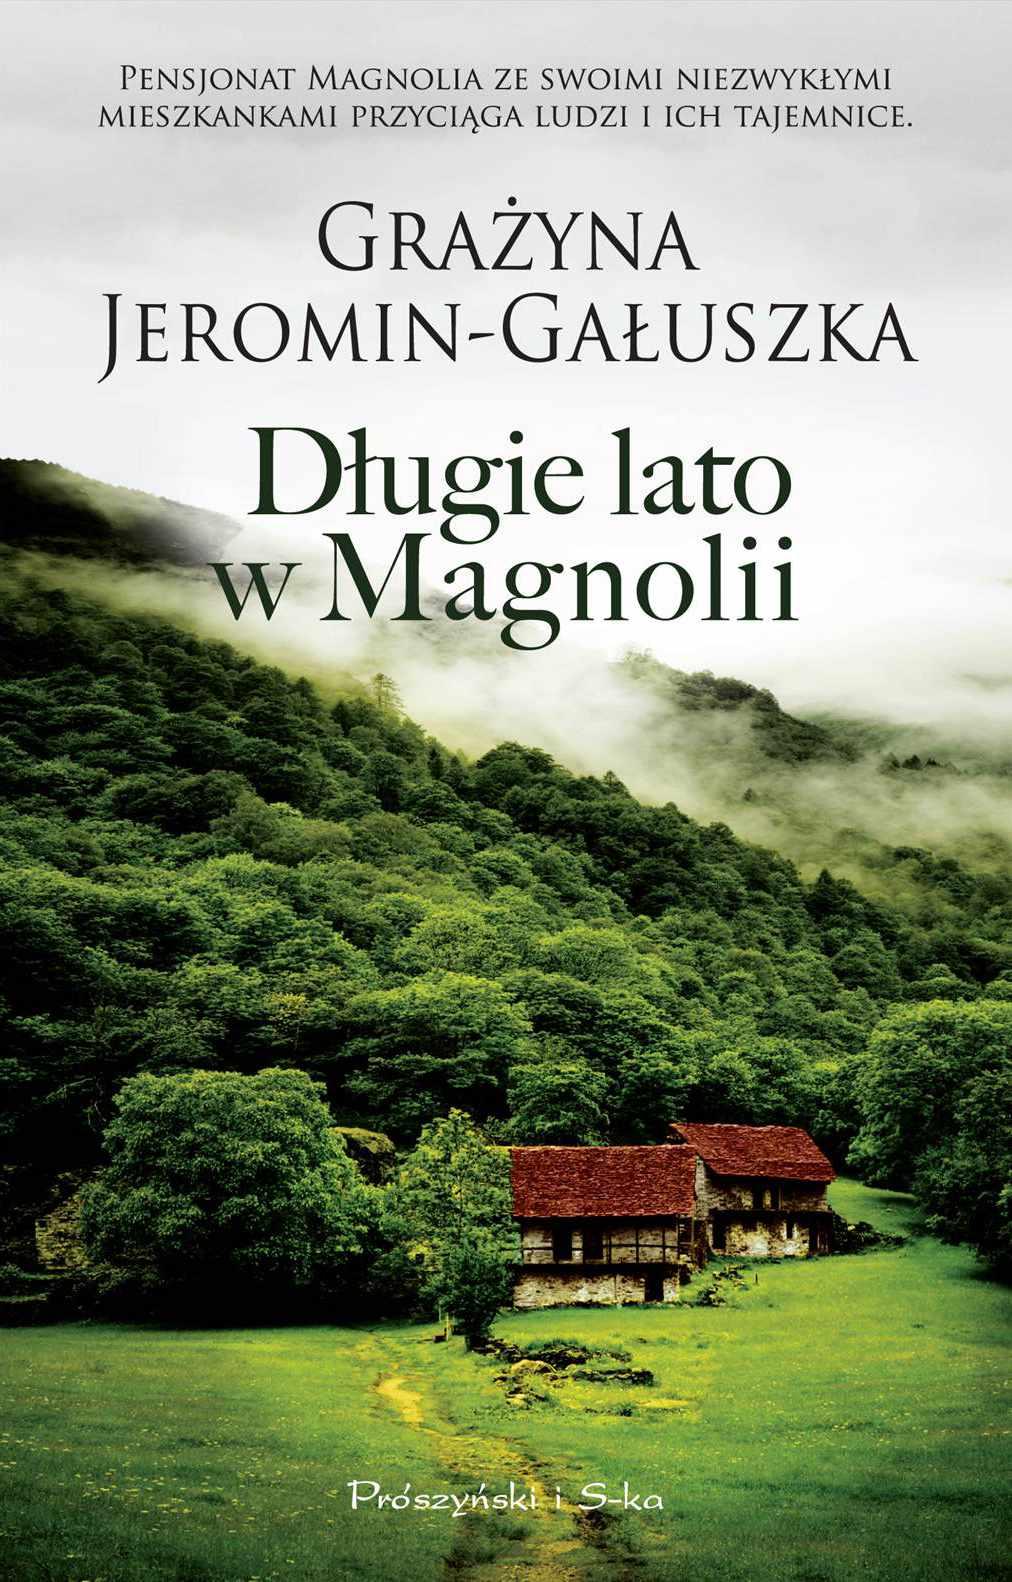 Długie lato w Magnolii - Ebook (Książka EPUB) do pobrania w formacie EPUB